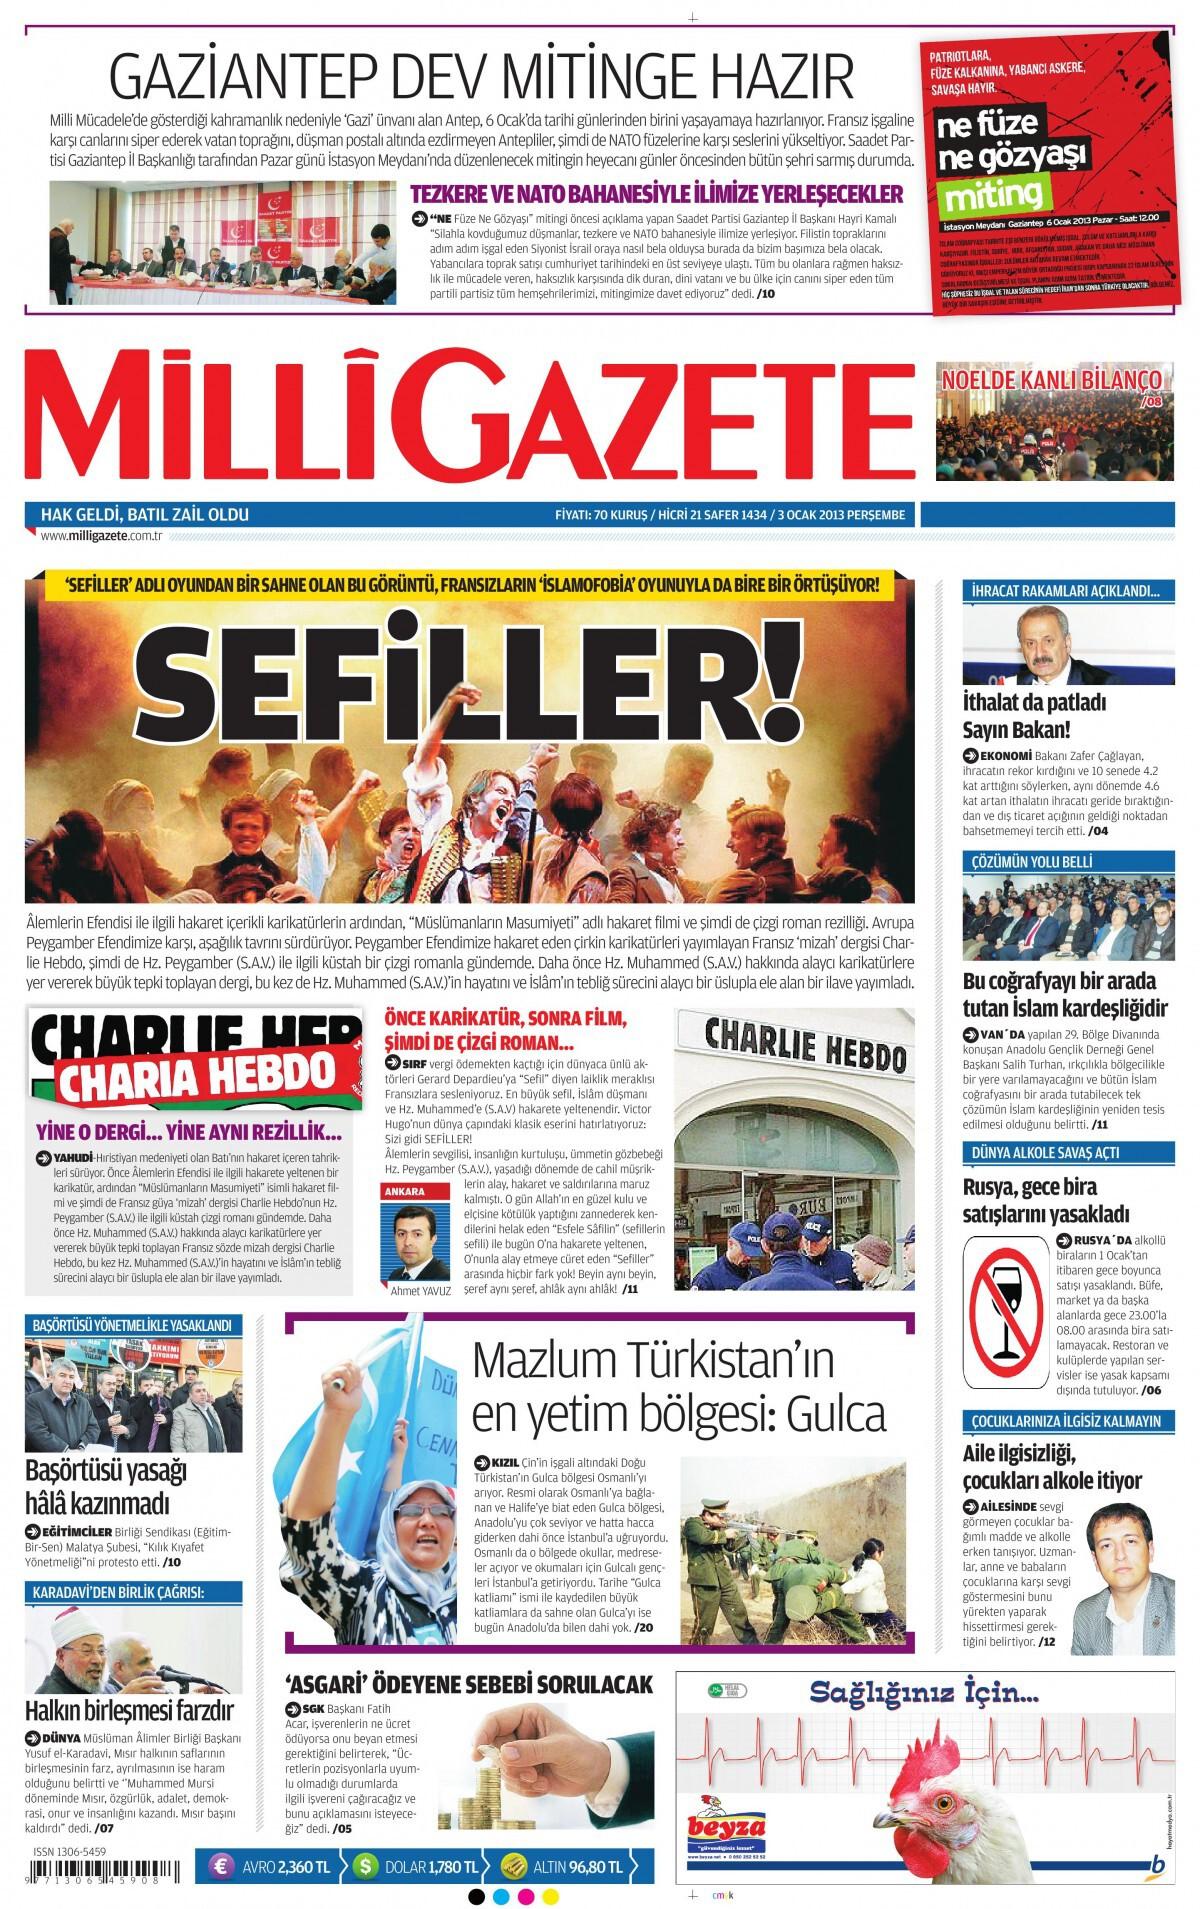 3 Ocak 2013 tarihli Milli Gazete Gazetesi Sayfa 1